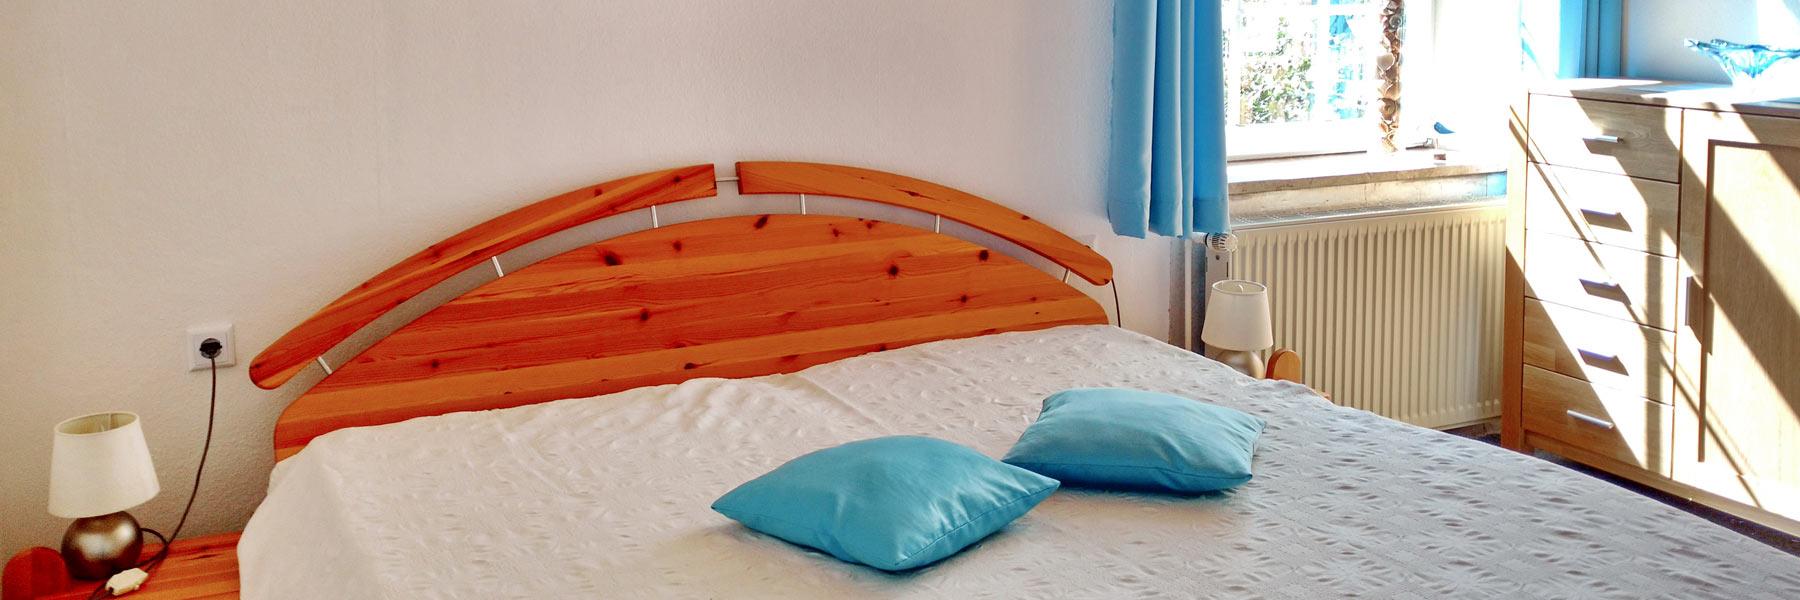 Schlafzimmer - Ferienwohnung Nimz